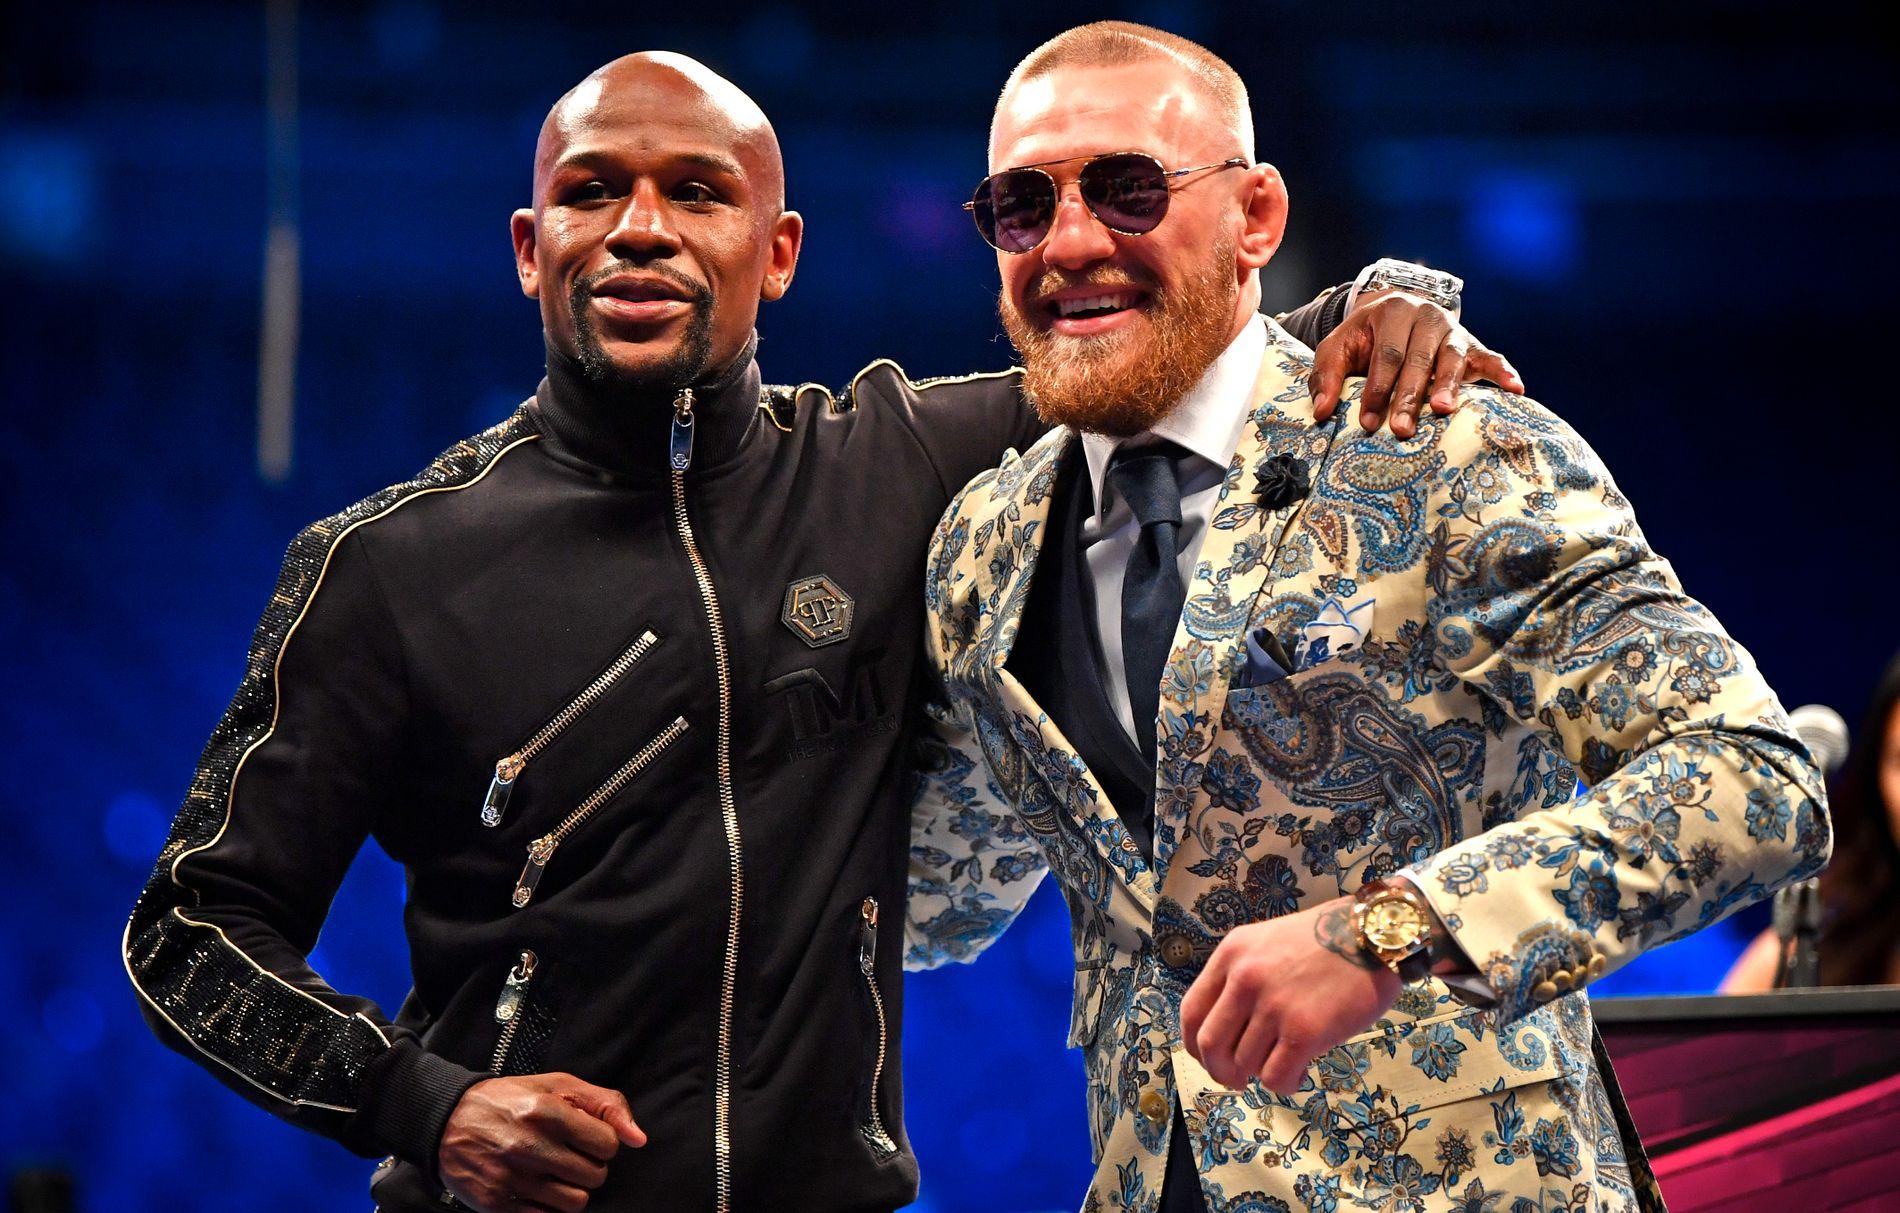 GODE BUSSER: Floyd Mayweather og Conor McGregor etter kampen som gjorde dem til to av årets best betalte idrettsutøvere.